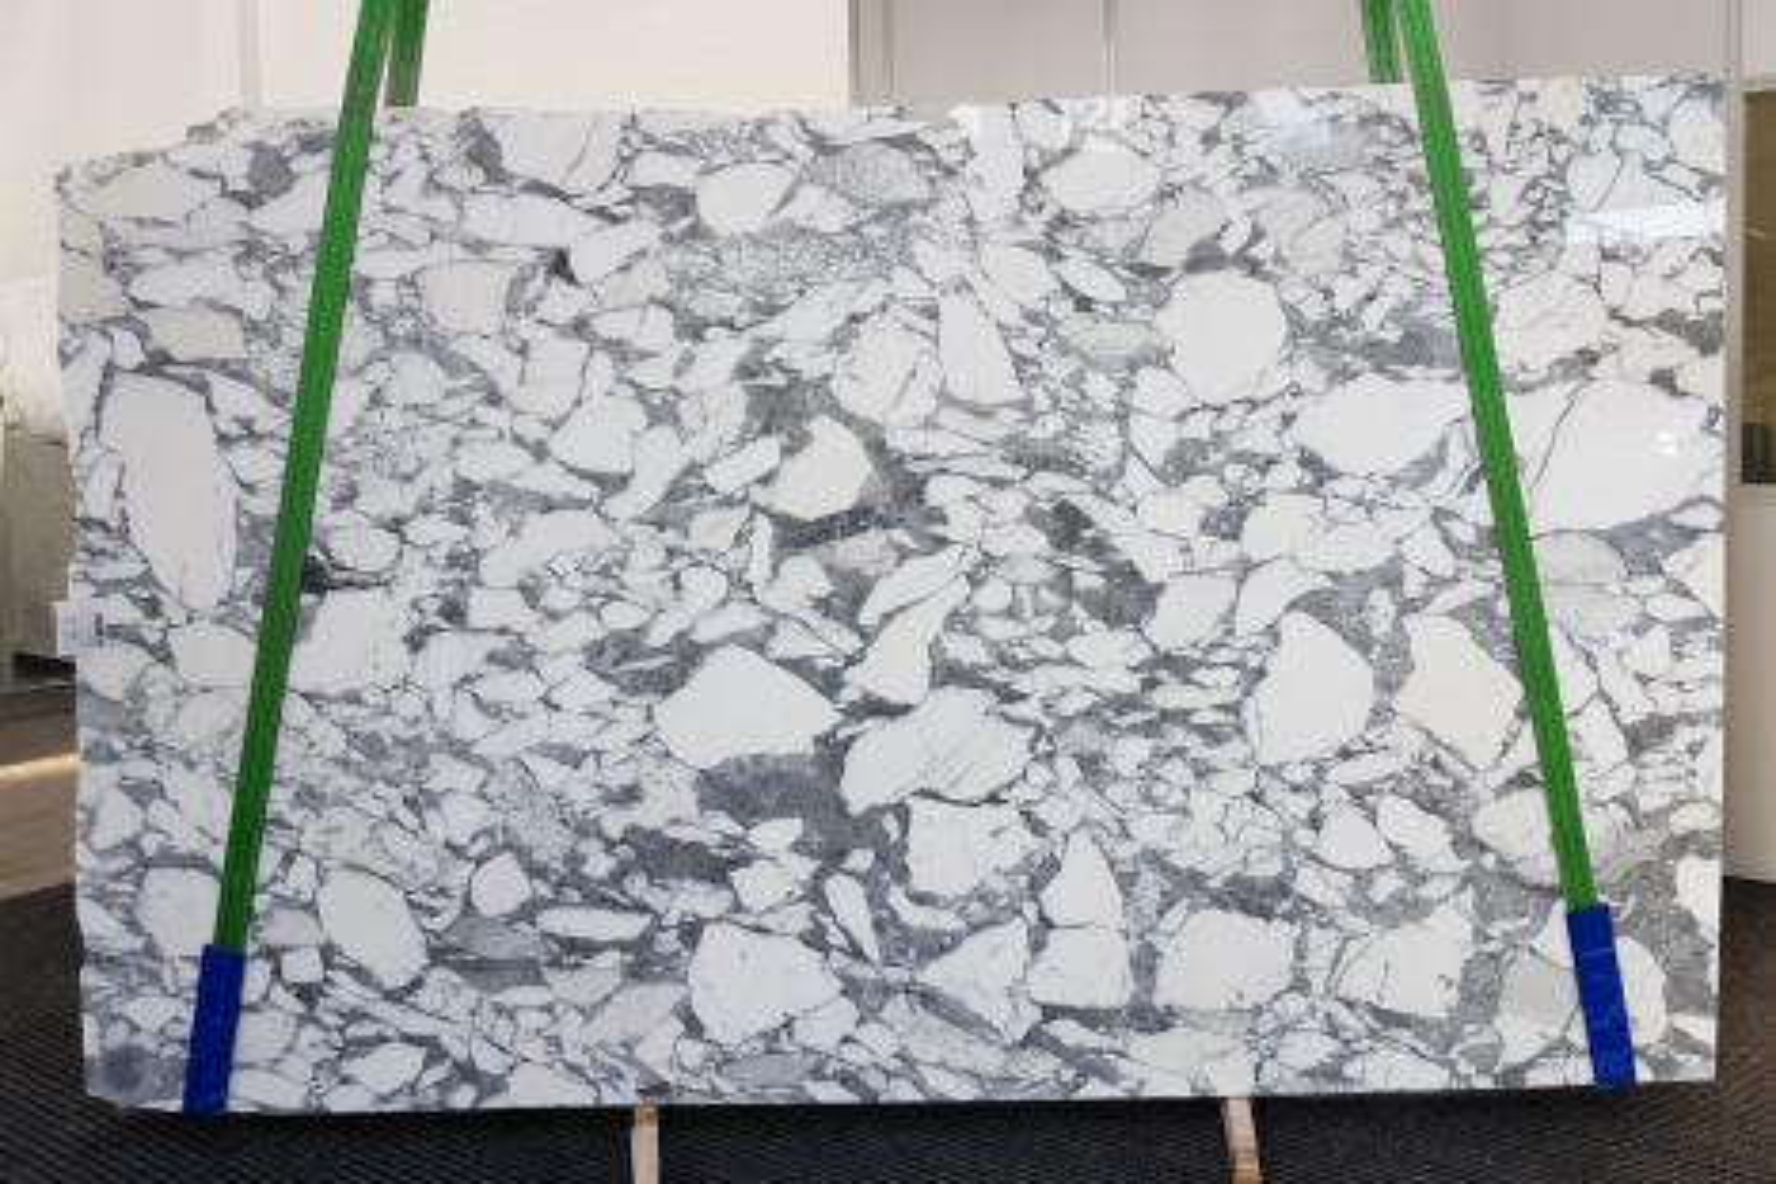 ARABESCATO CORCHIA Suministro Veneto (Italia) de planchas pulidas en mármol natural 1031 , Slab #09